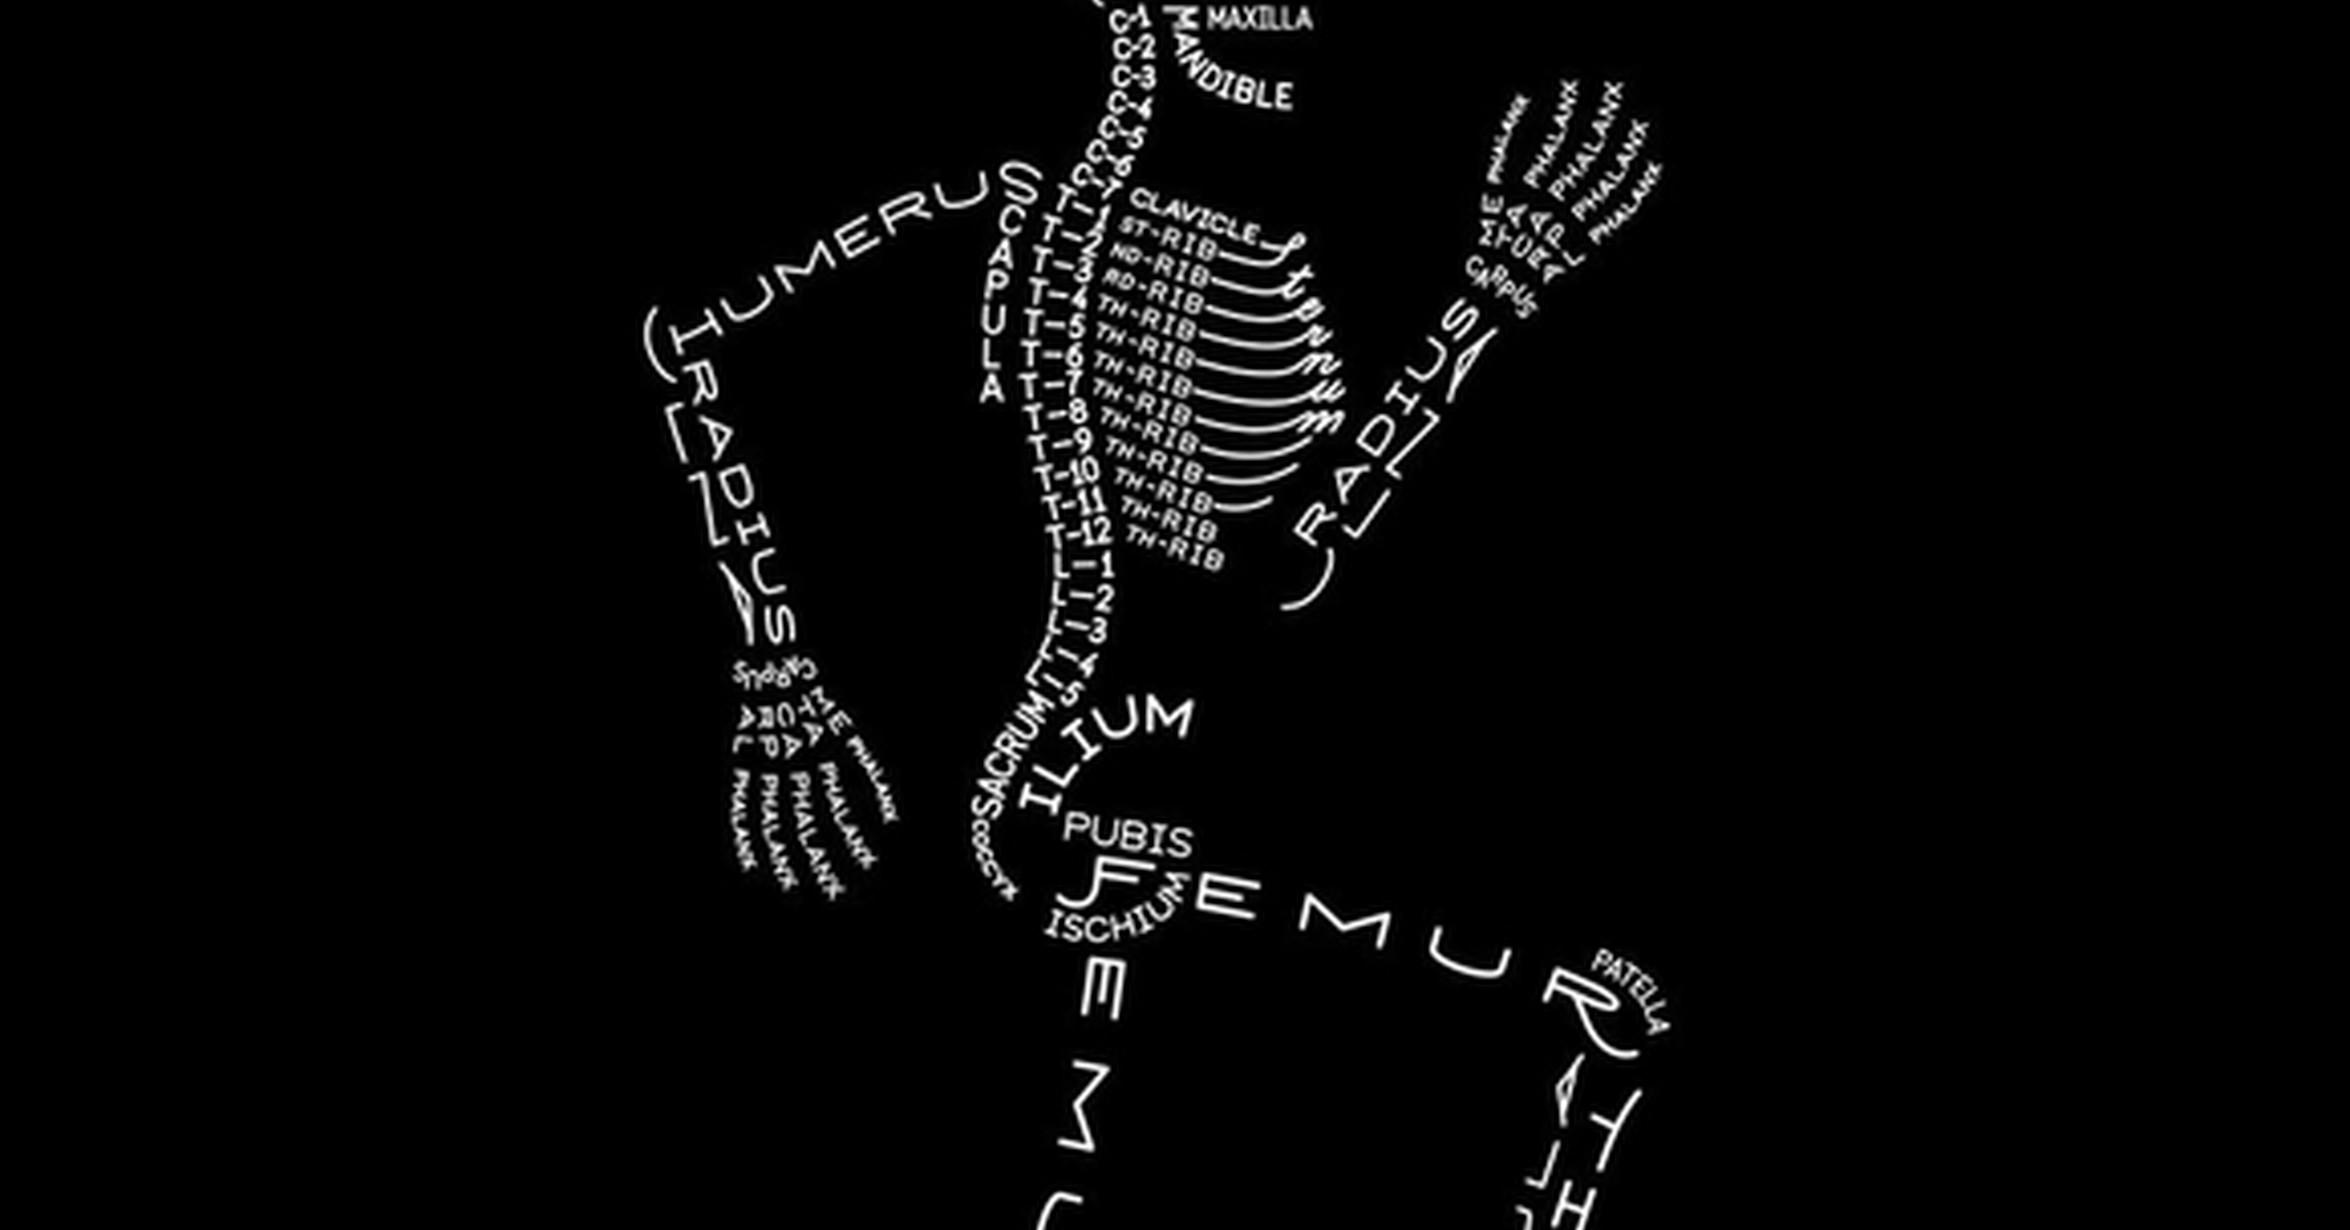 Cuánta razón! / Los nombres de los huesos del cuerpo humano